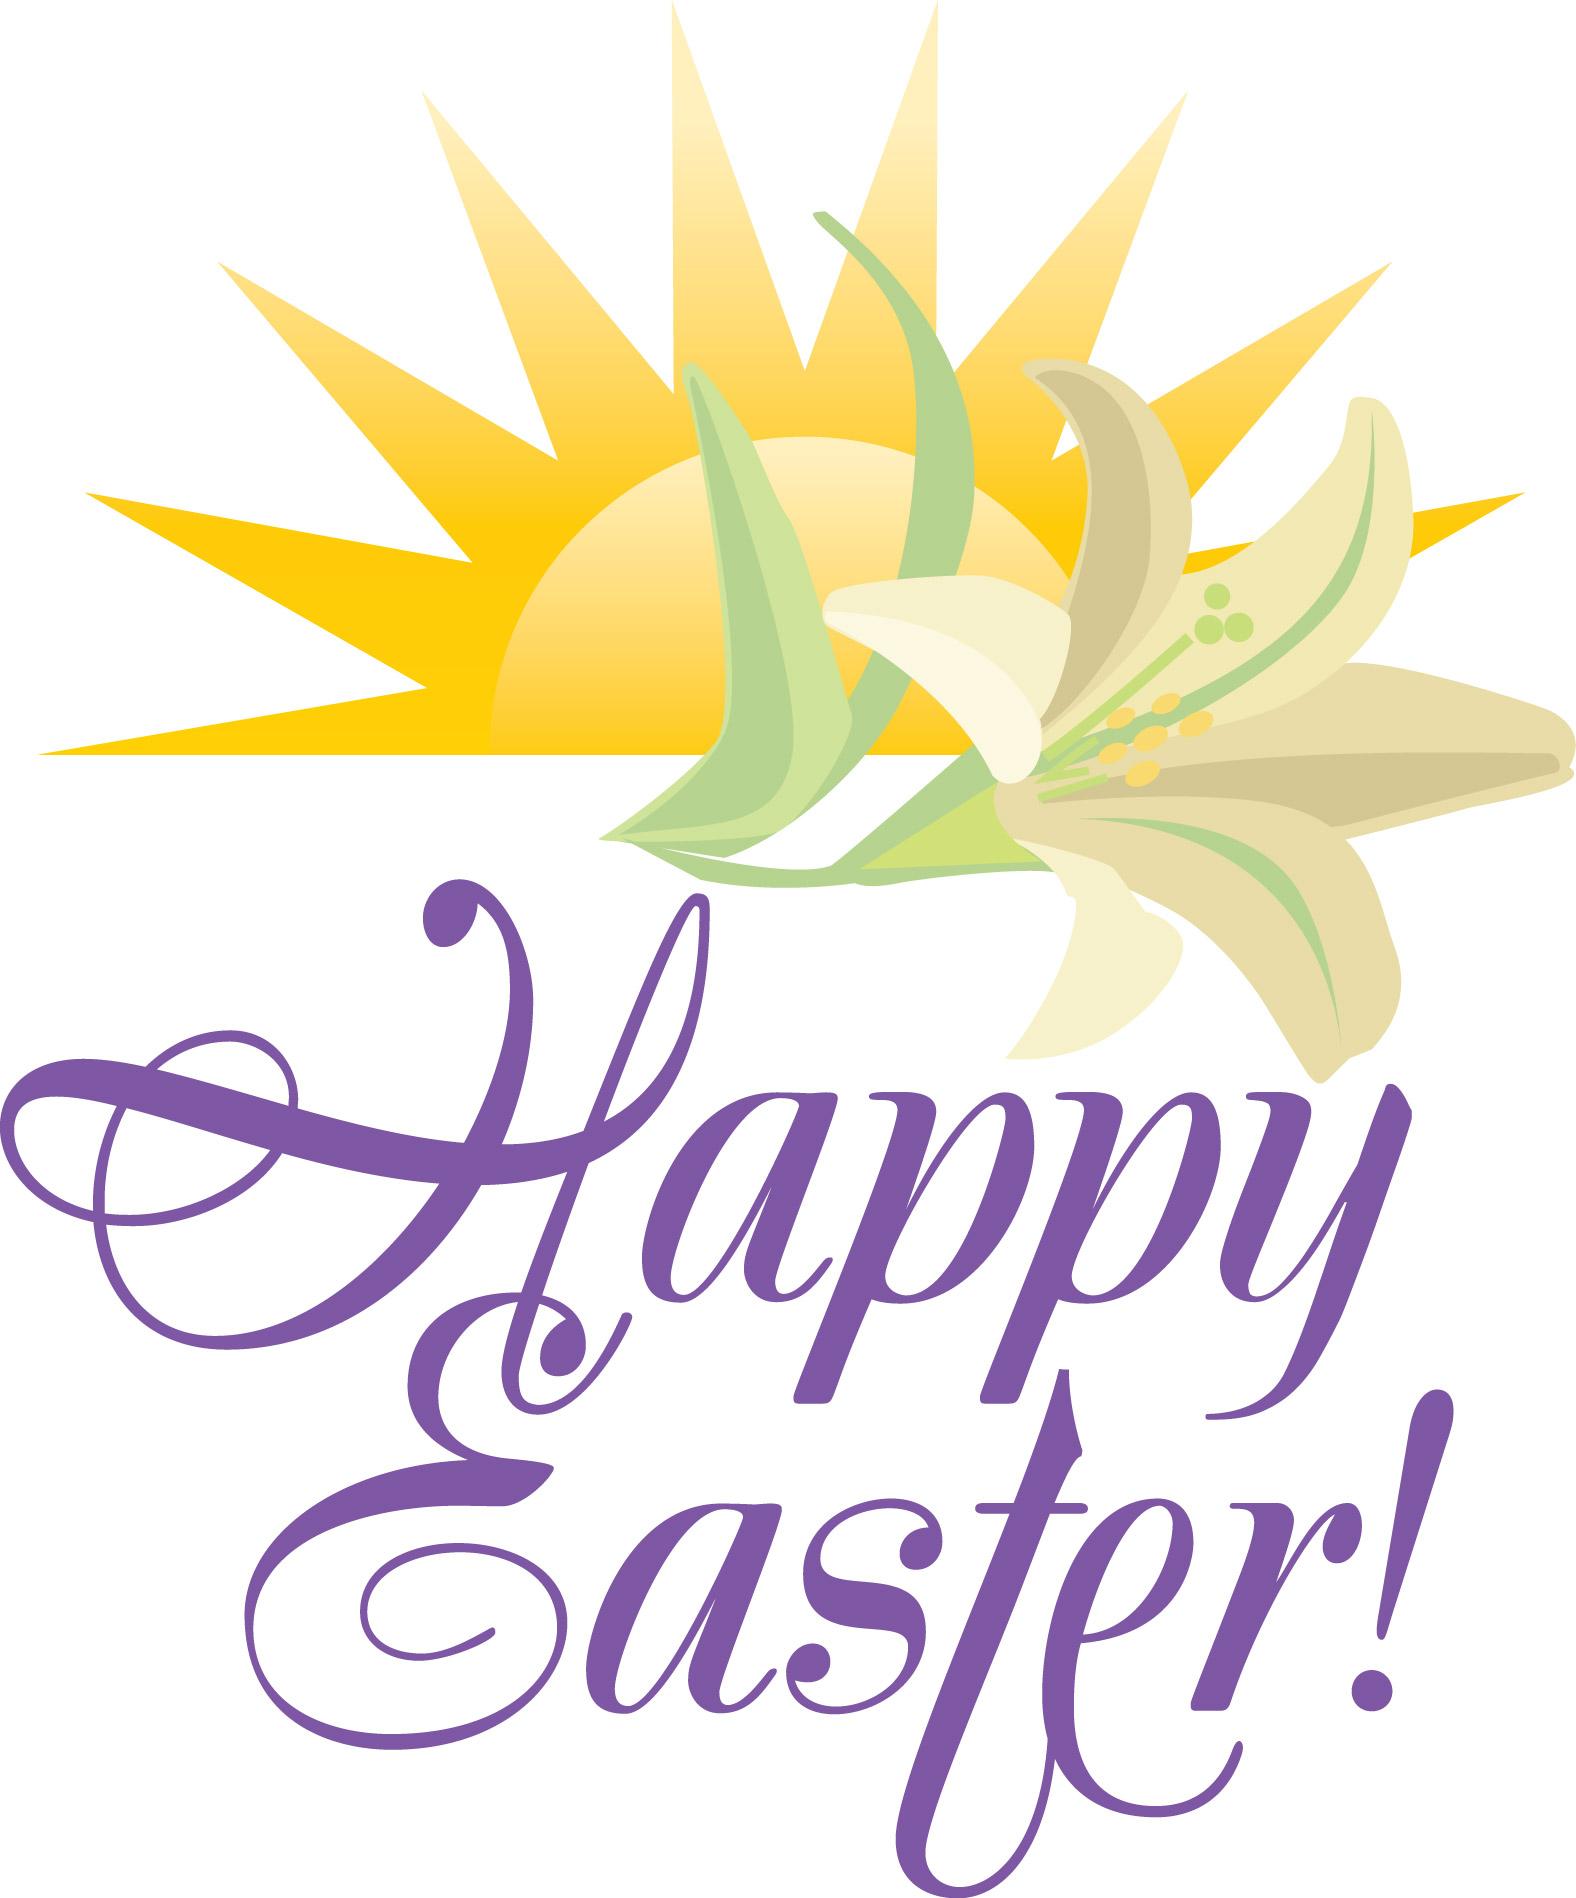 Easter Sunday Sunrise Service Clip Art Free free image.